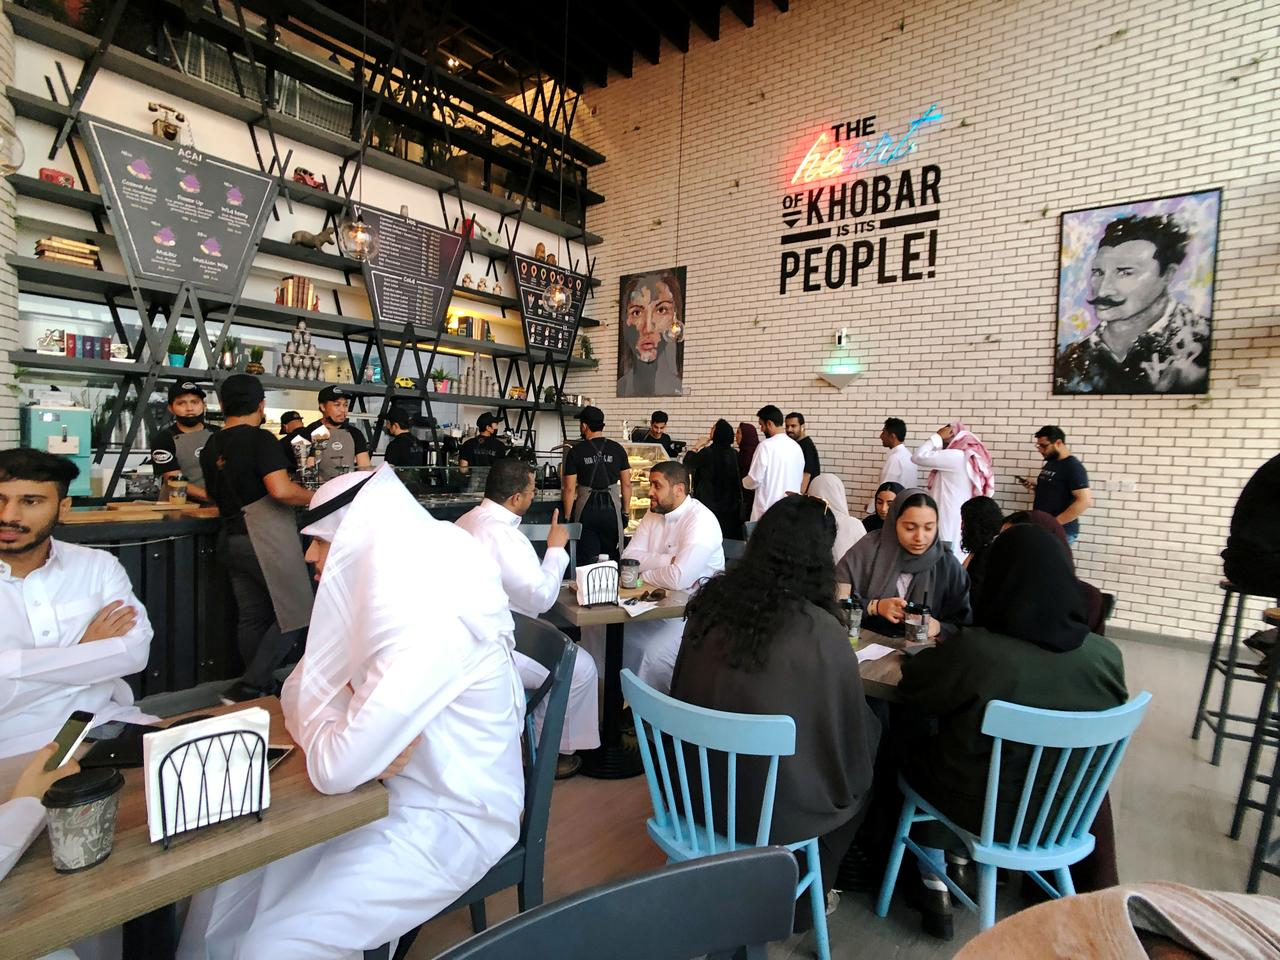 Saudi Arabia loại bỏ lối vào phân biệt giới tính ở các nhà hàng